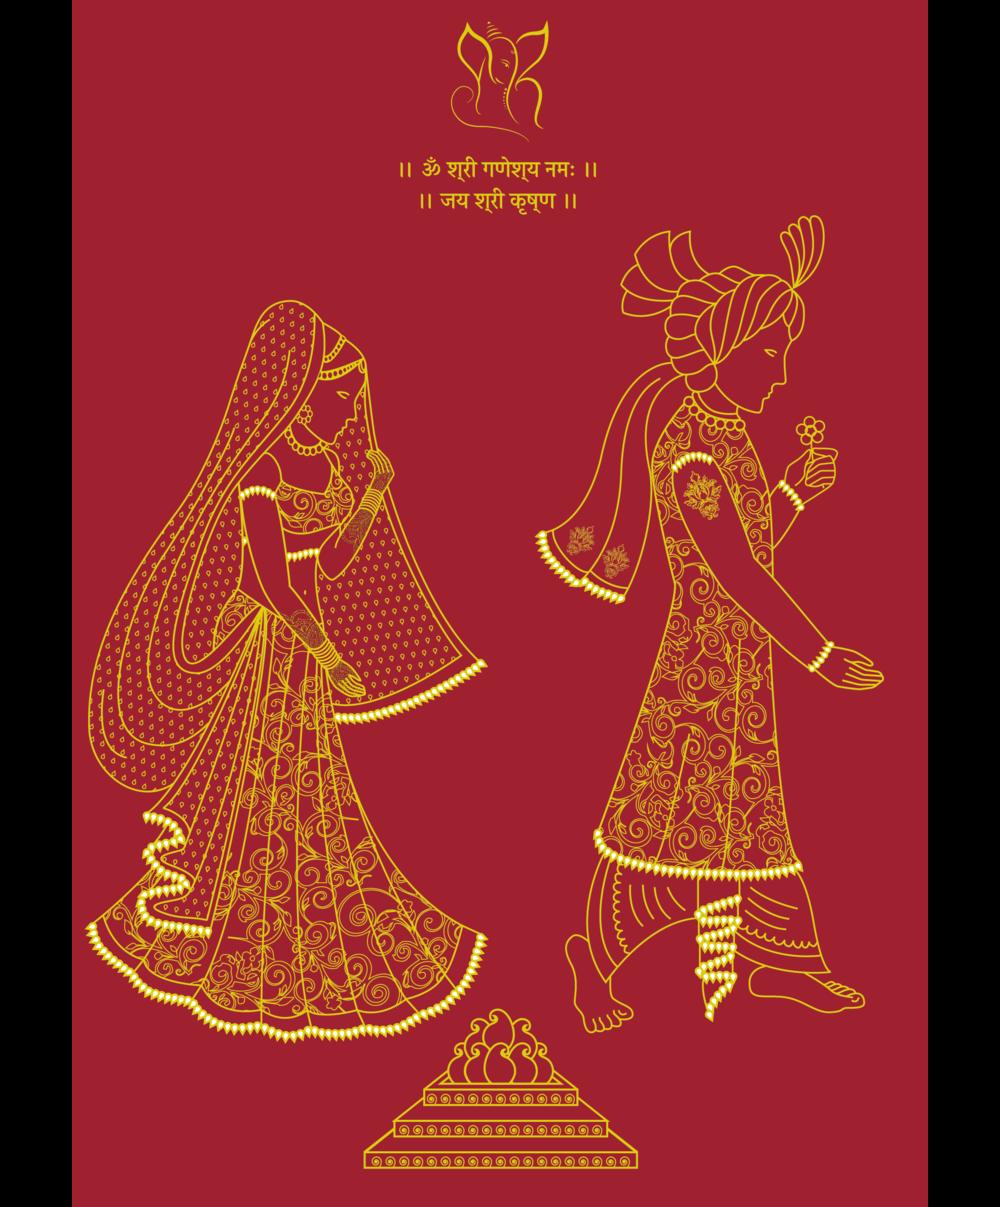 Bespoke indian wedding card